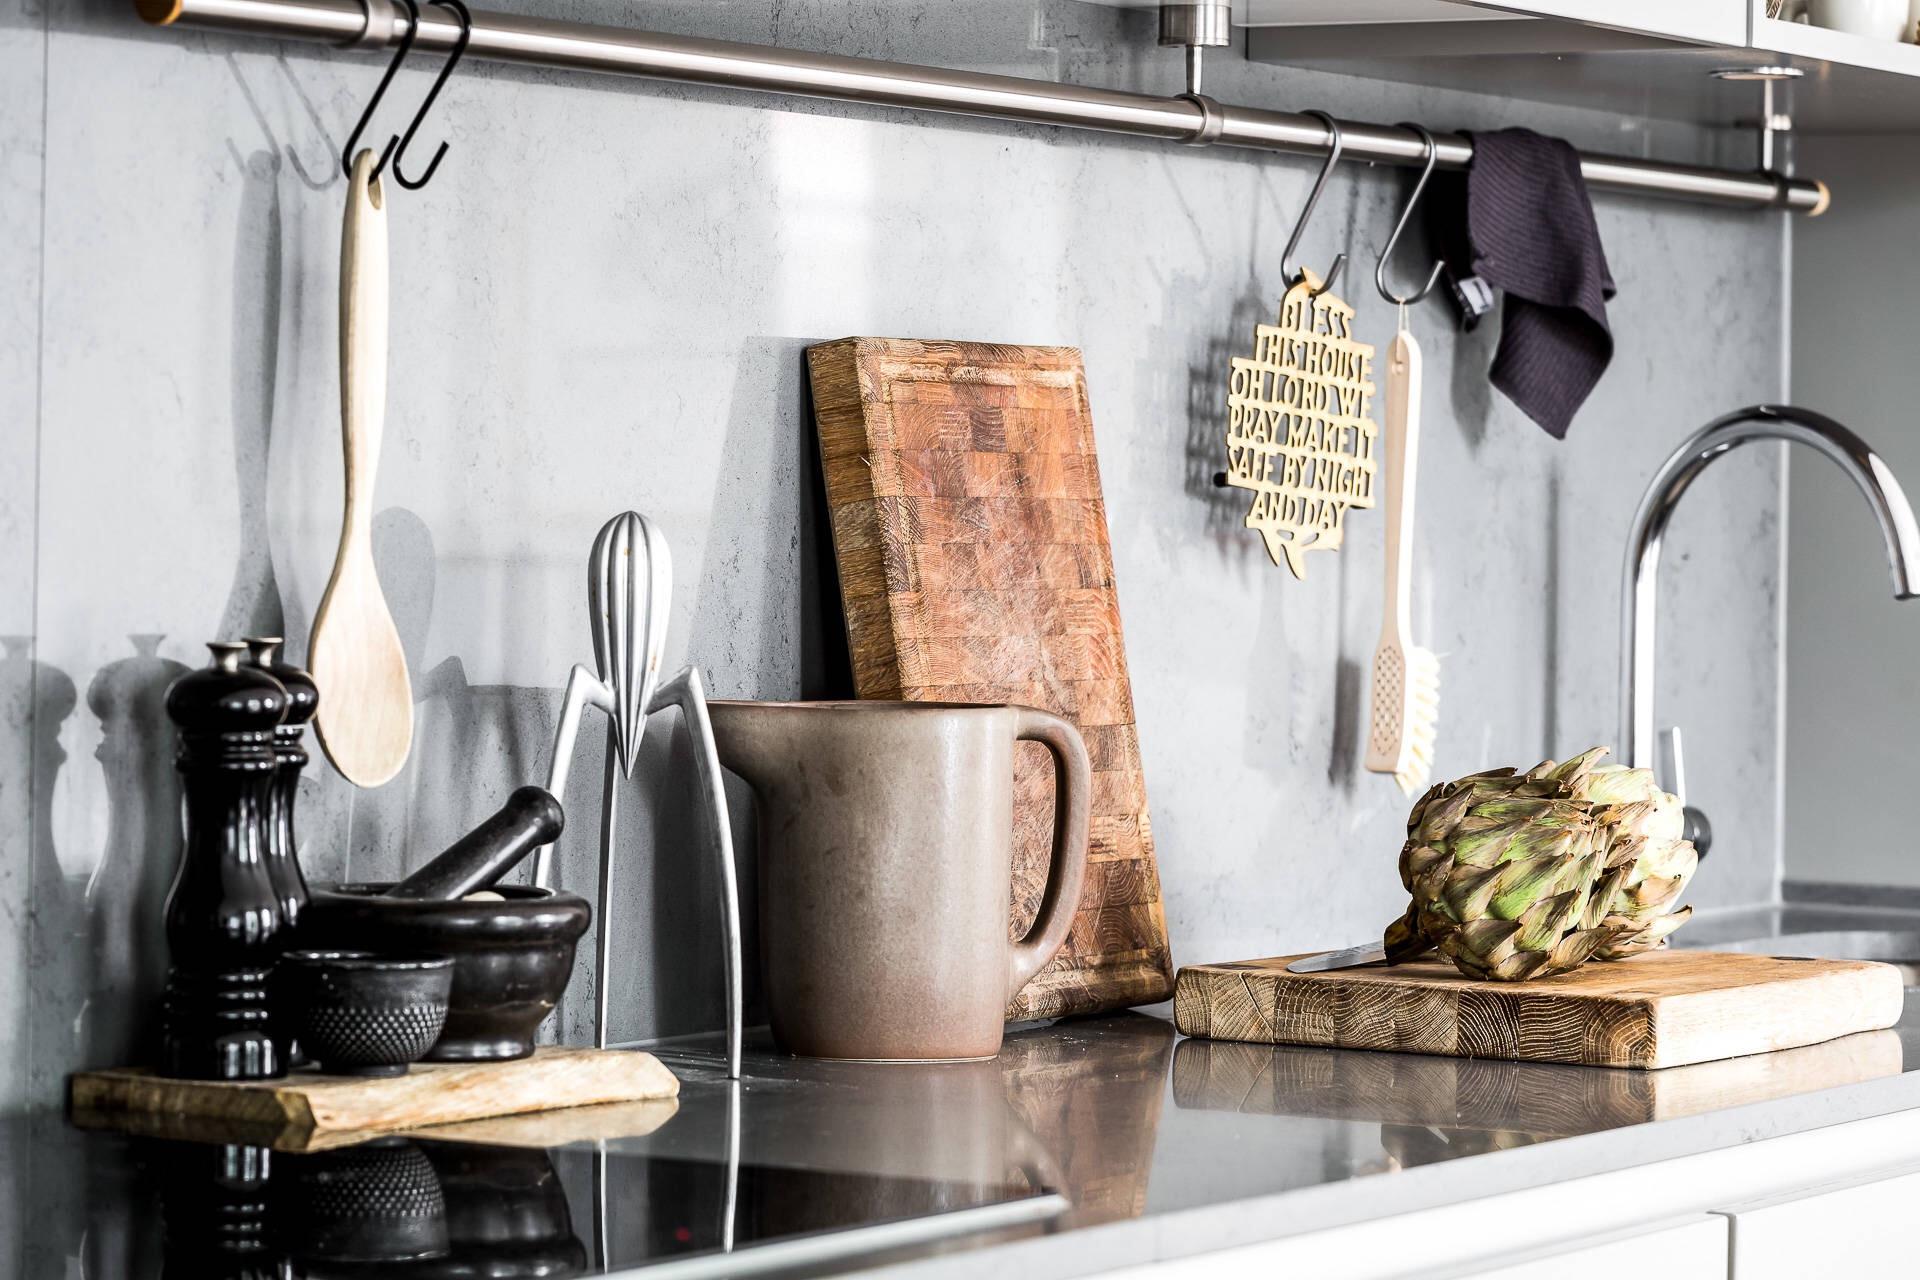 кухня столешница фартук серые фасады кухонные аксессуары